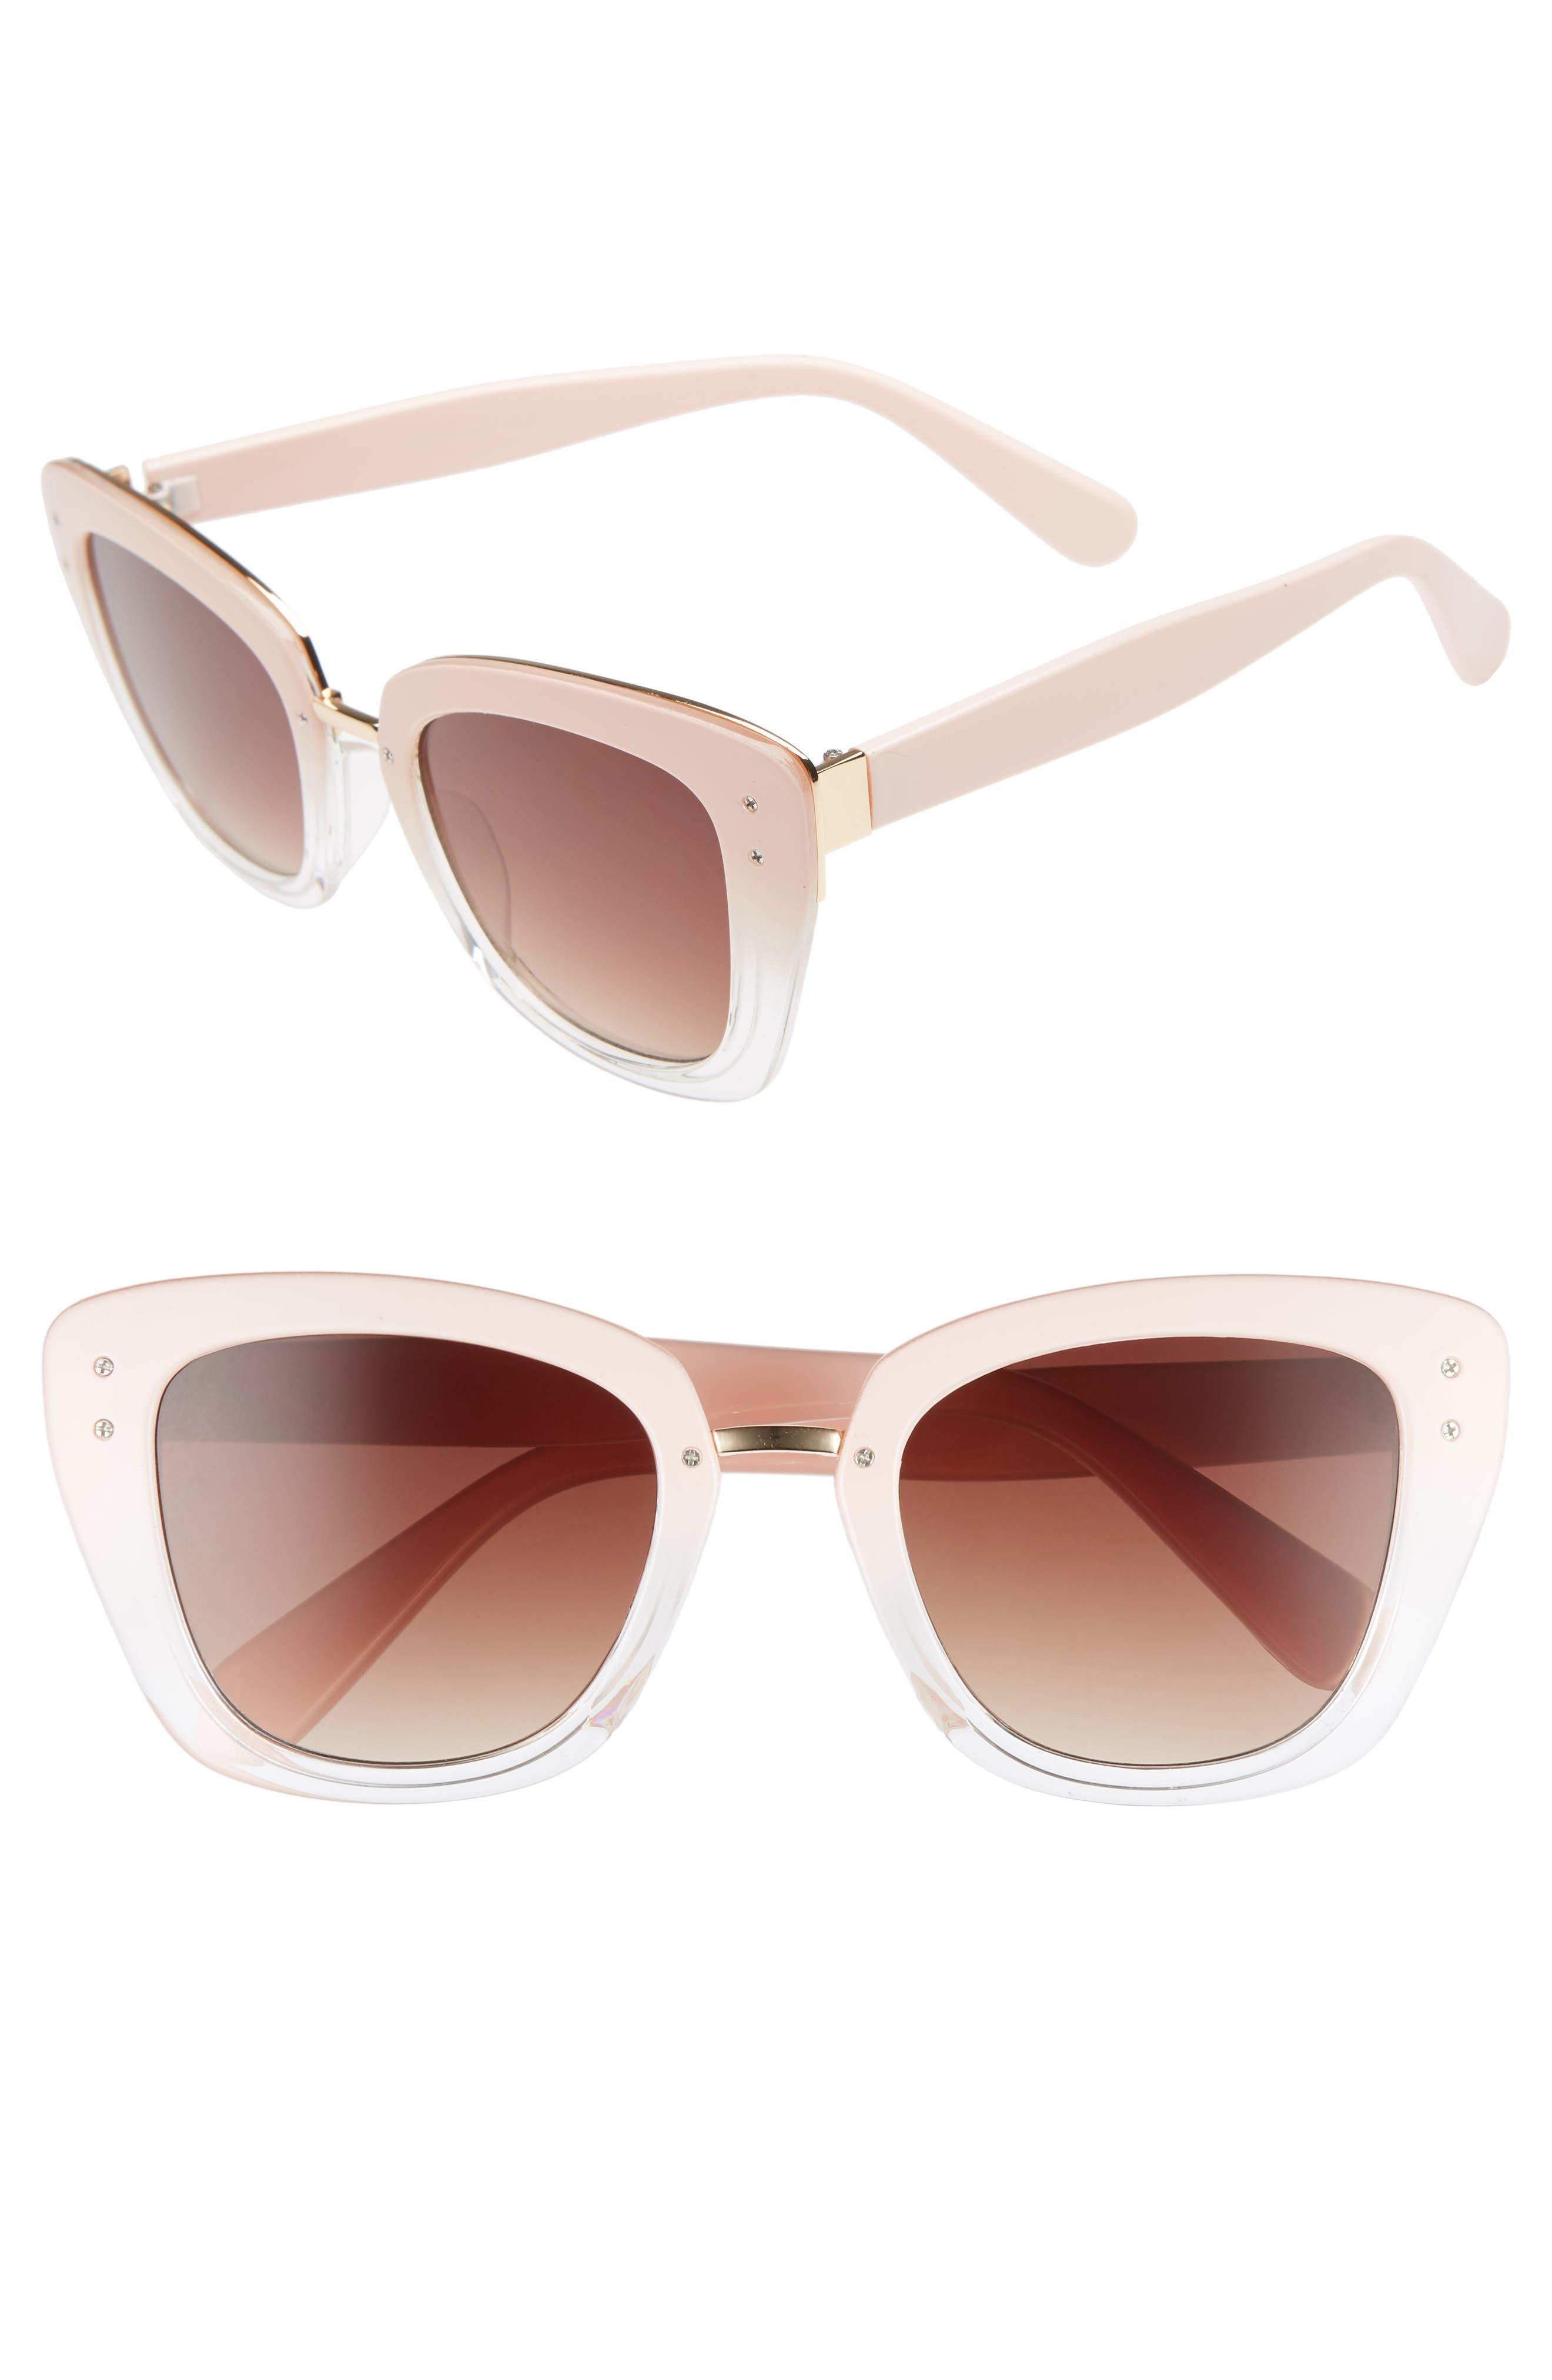 51mm Ombré Square Sunglasses,                         Main,                         color, 650